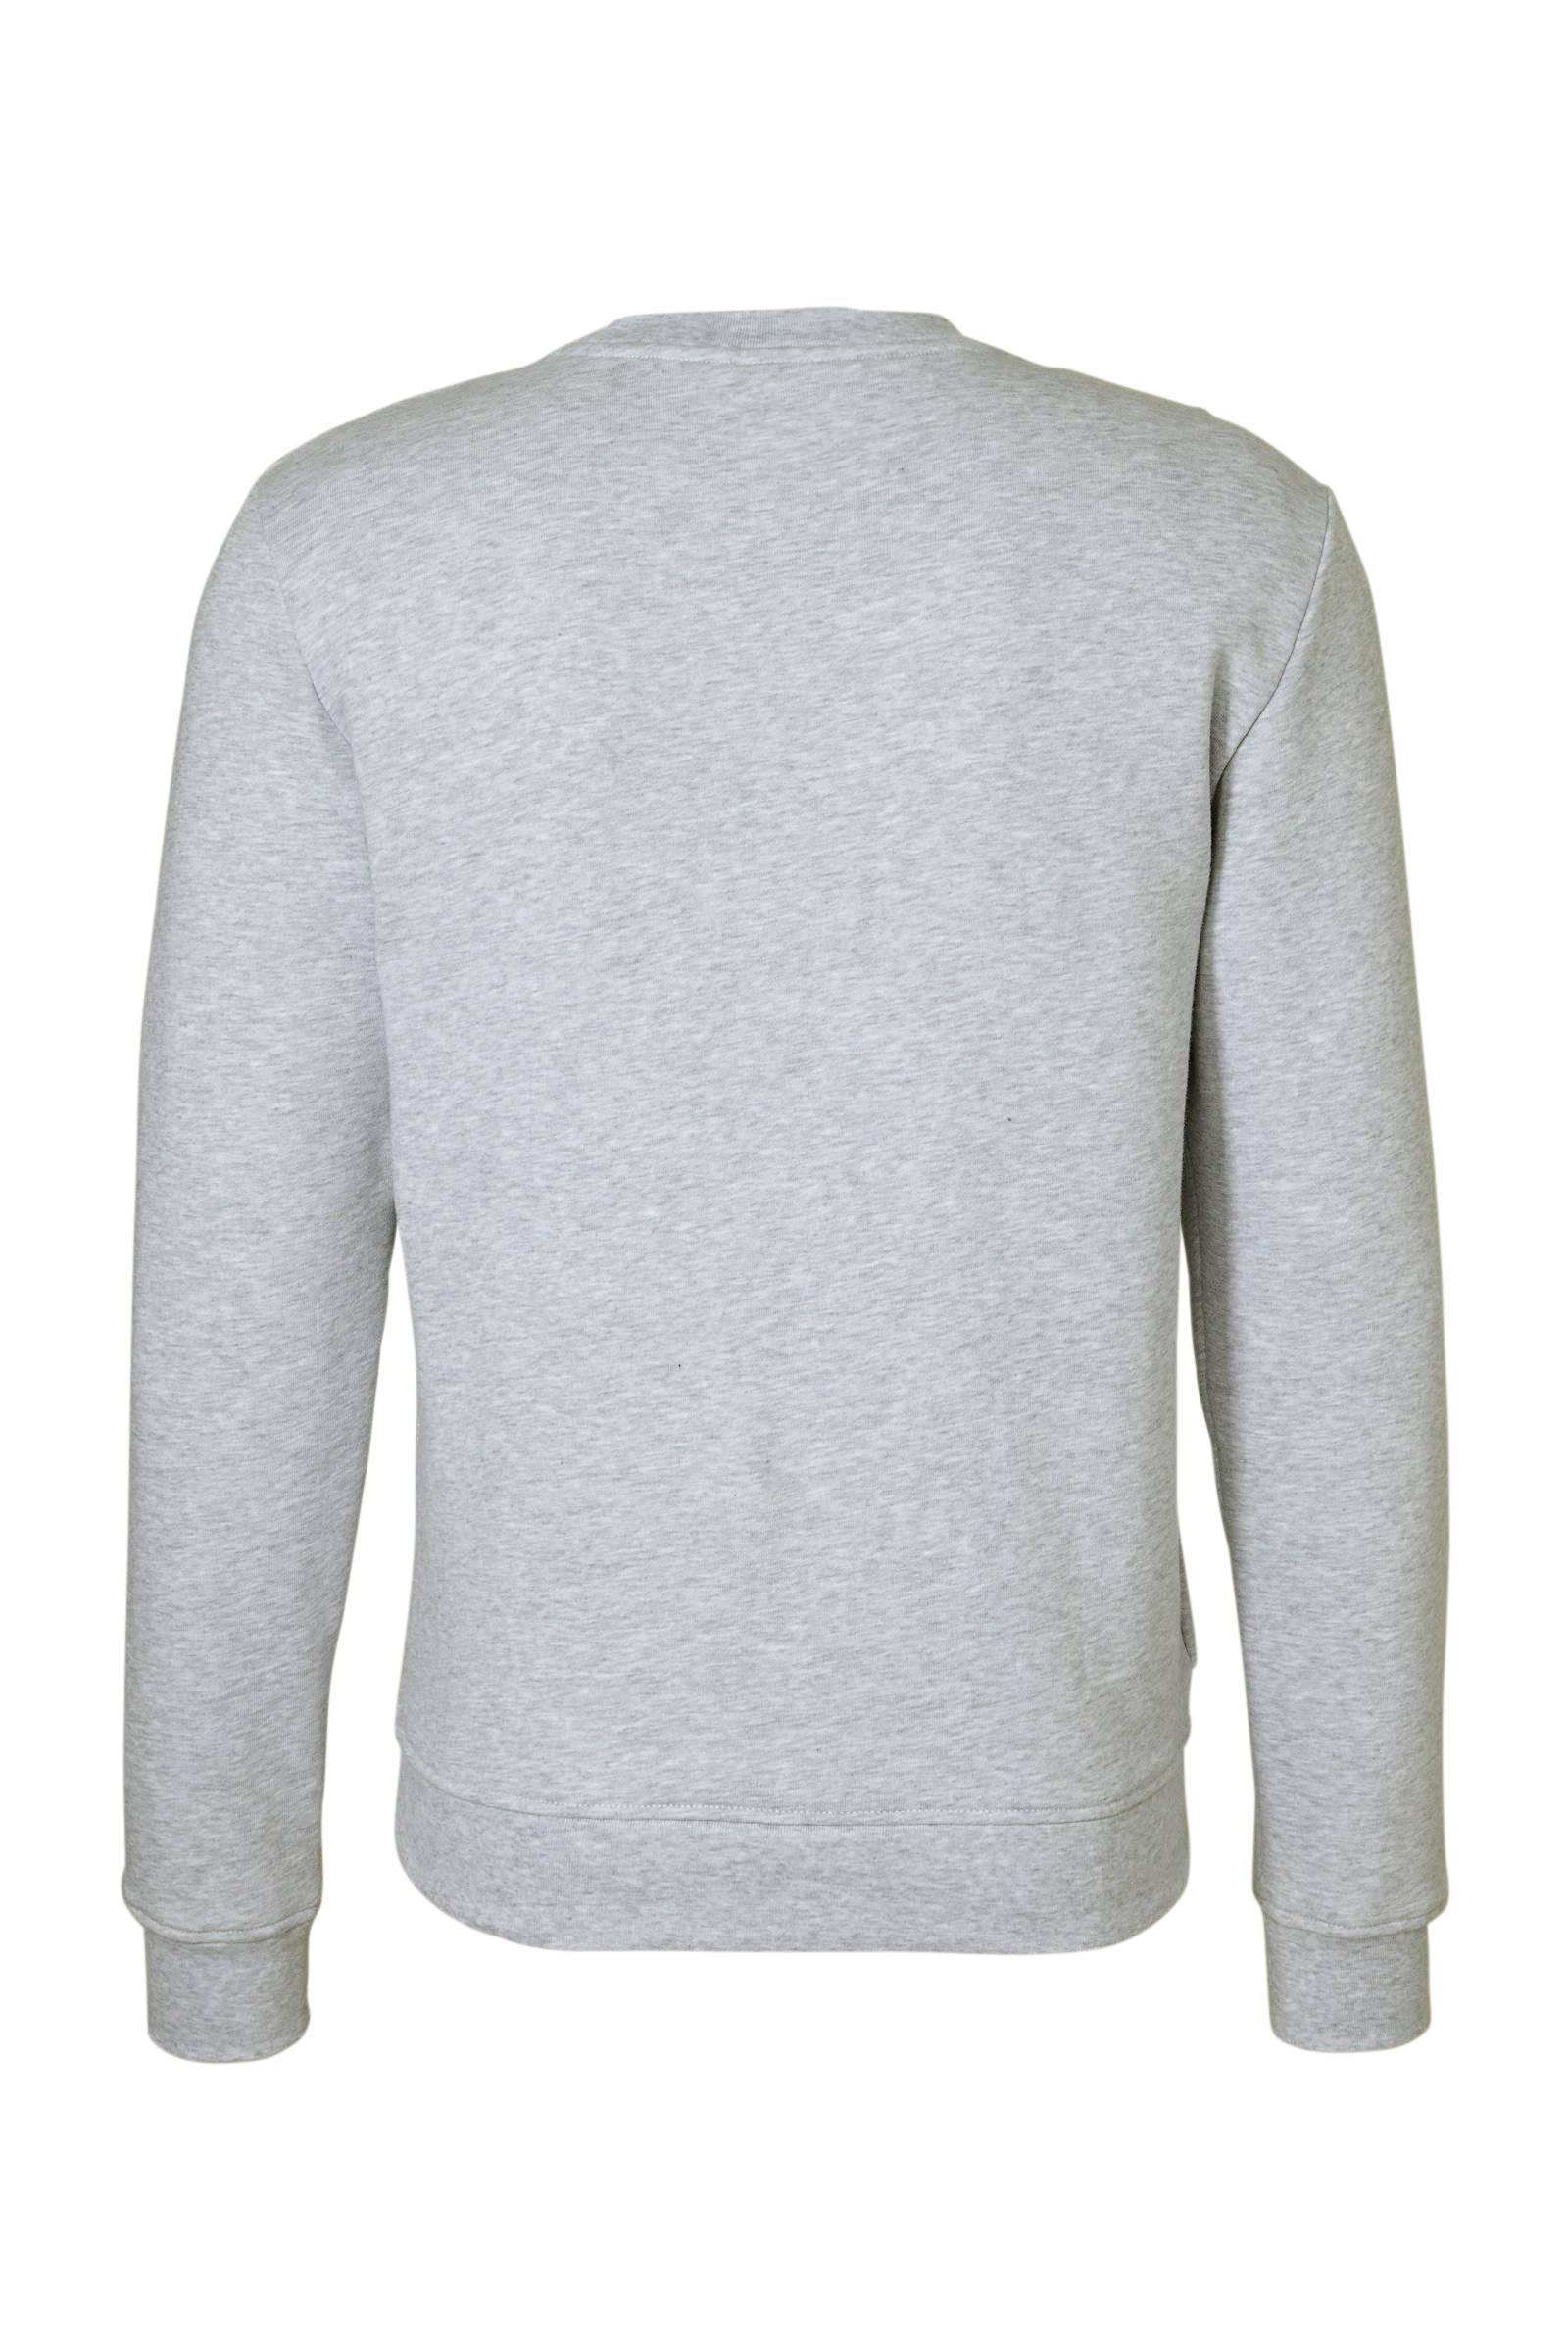 sweater logo met Lacoste logo Lacoste met sweater Lacoste Rwzxq7